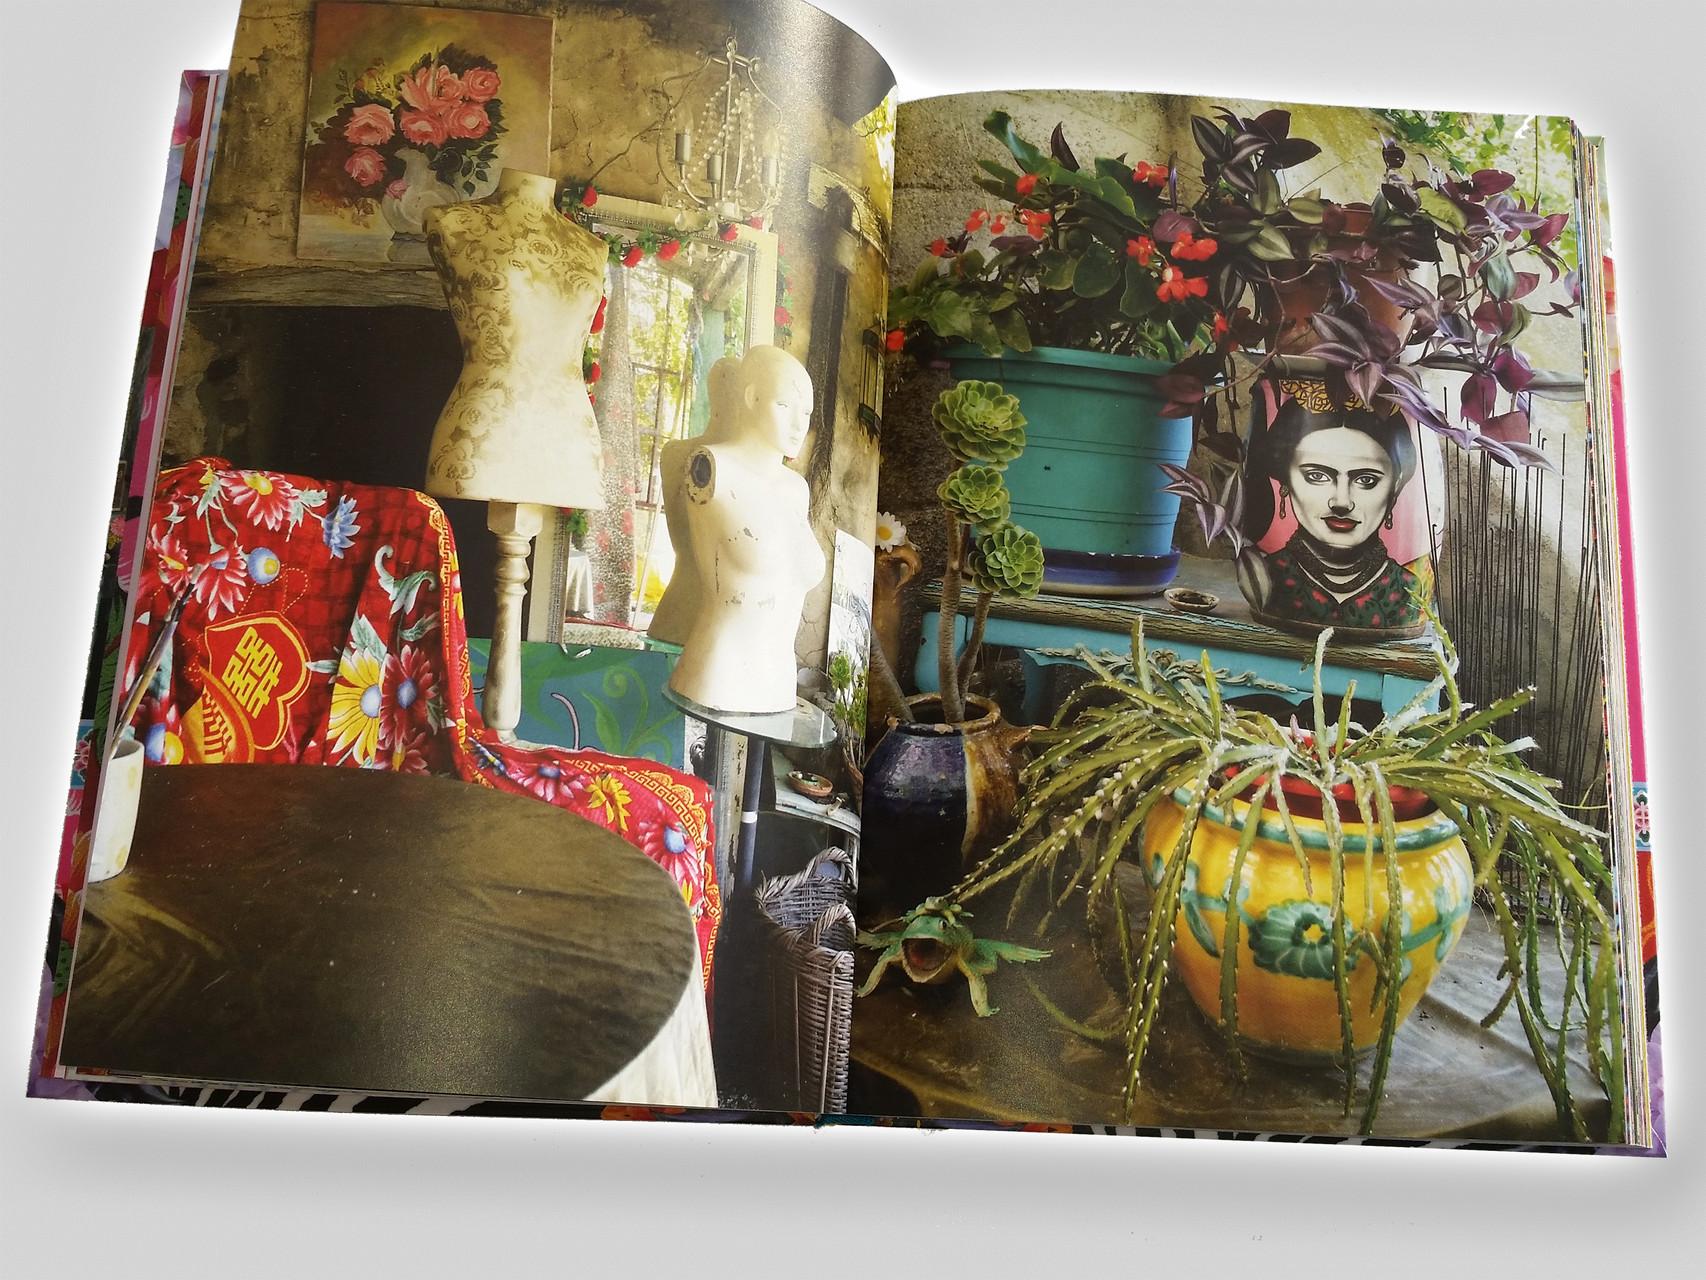 7 Happy Hippie Cooking Kochbuch Ibiza Elke Clörs Buchgestaltung Simone Ruths rosavision